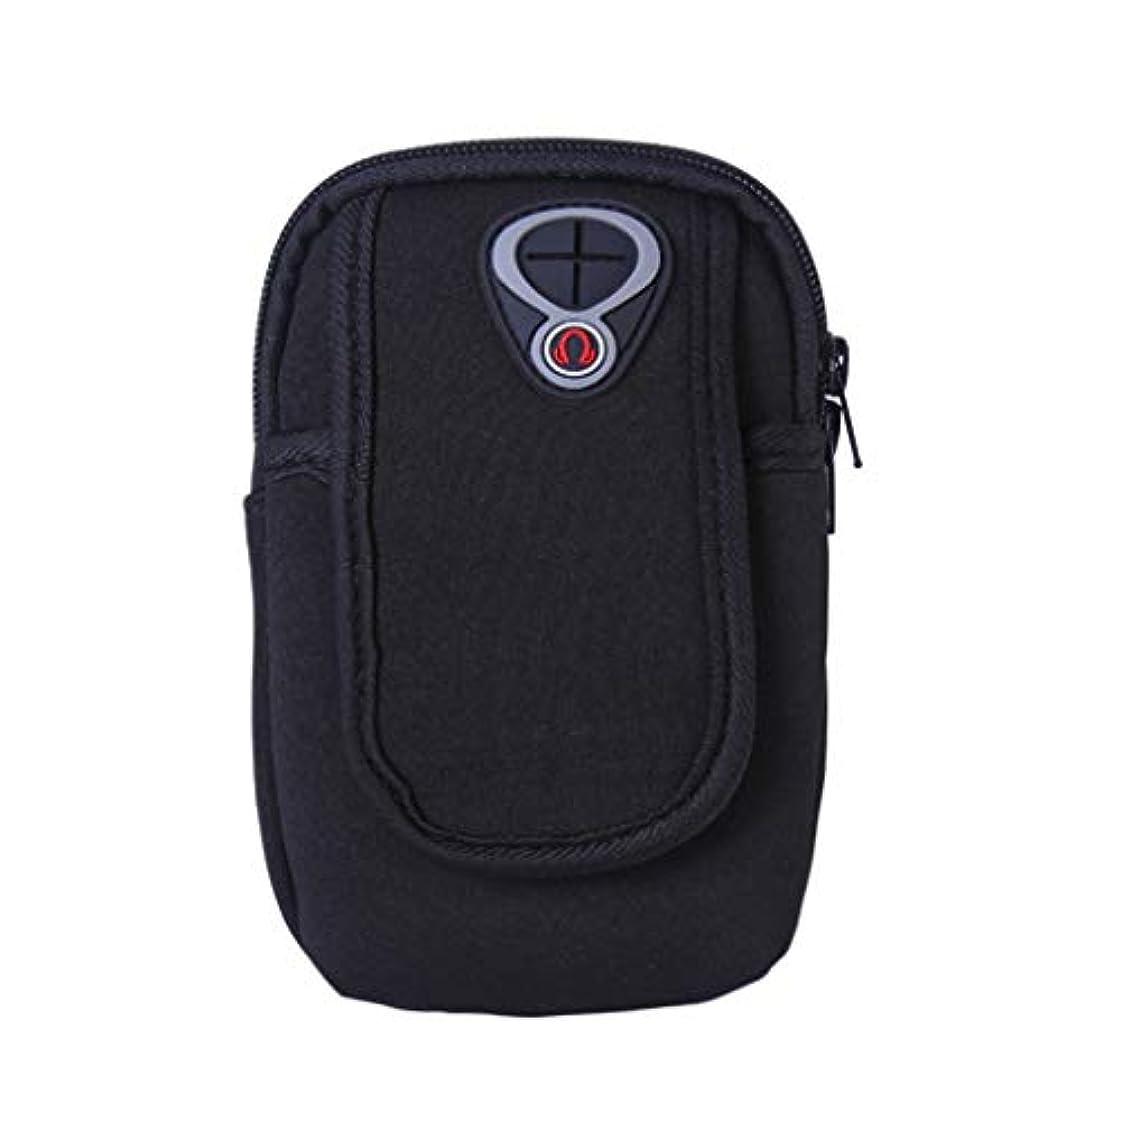 火炎火炎みがきますスマートフォンホルダー 携帯ケース YOKINO 通気性抜群 小物収納 防水防汗 軽量 縫い目なし 調節可能 男女共用